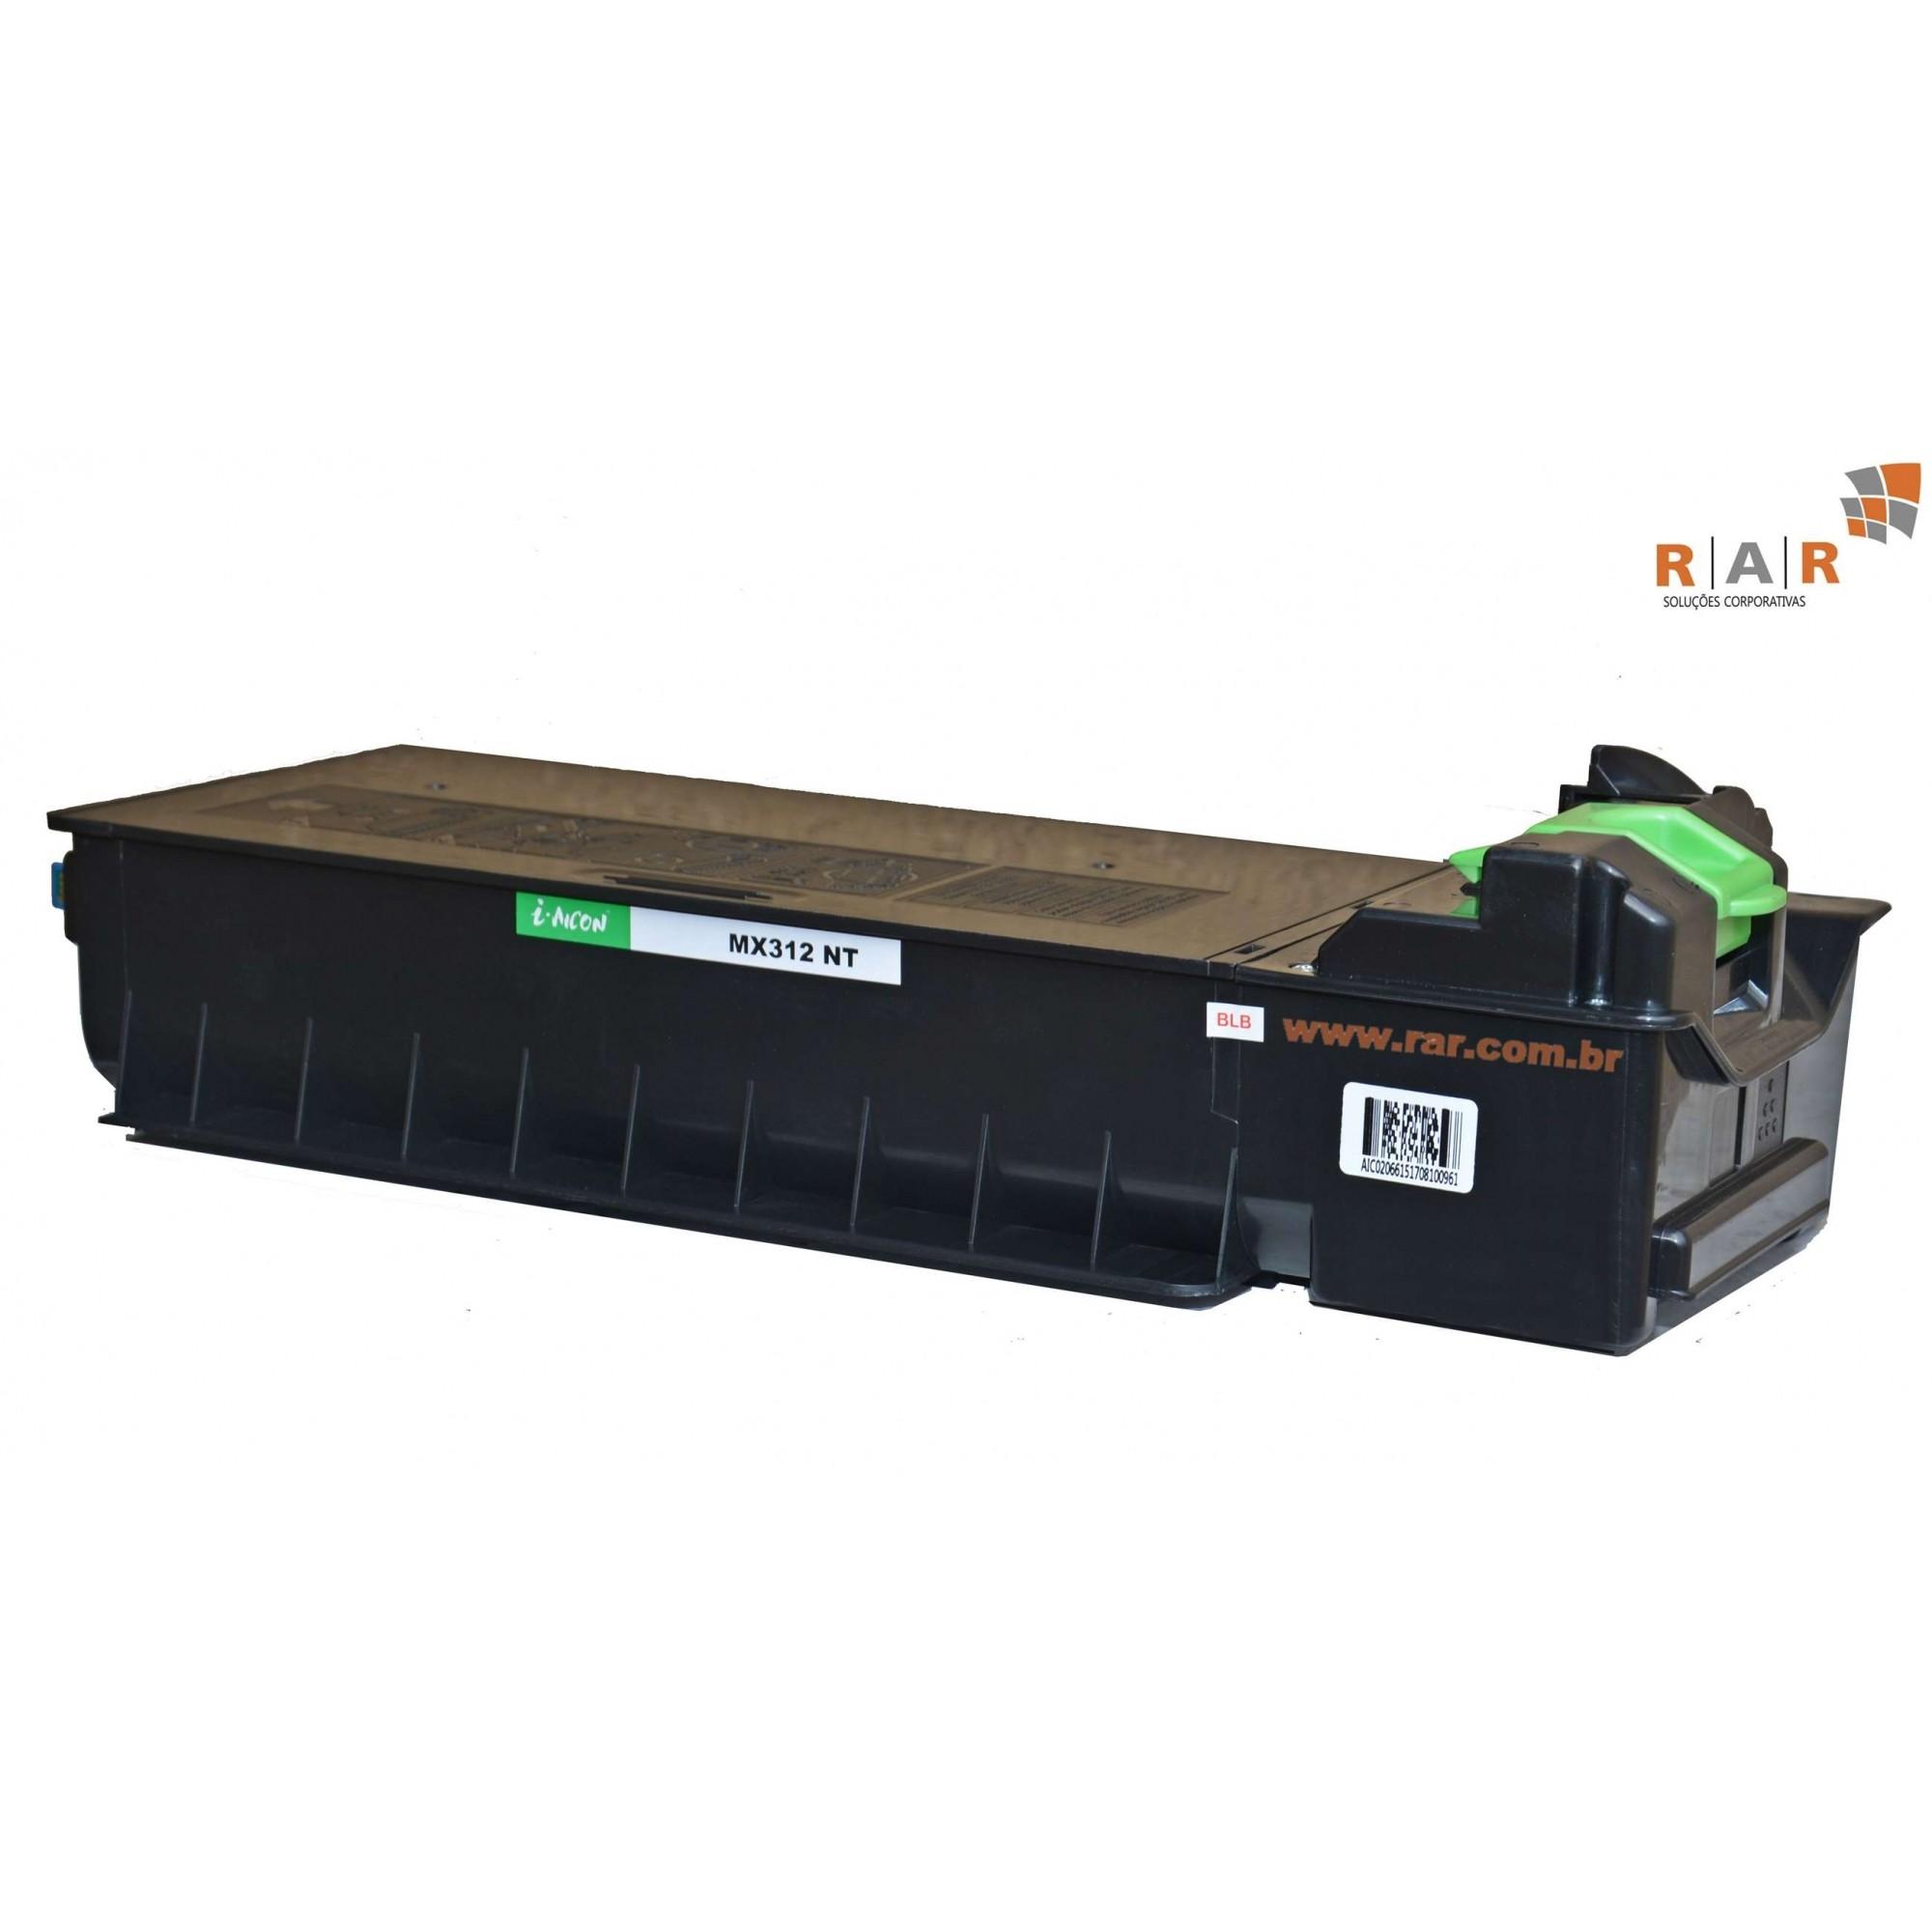 MX312BT/ MX-312BT  / MX312NT / MX-312NT - CARTUCHO DE TONER  COMPATIVEL 100% NOVO PARA SHARP MXM264N, MXM310 E SERIES